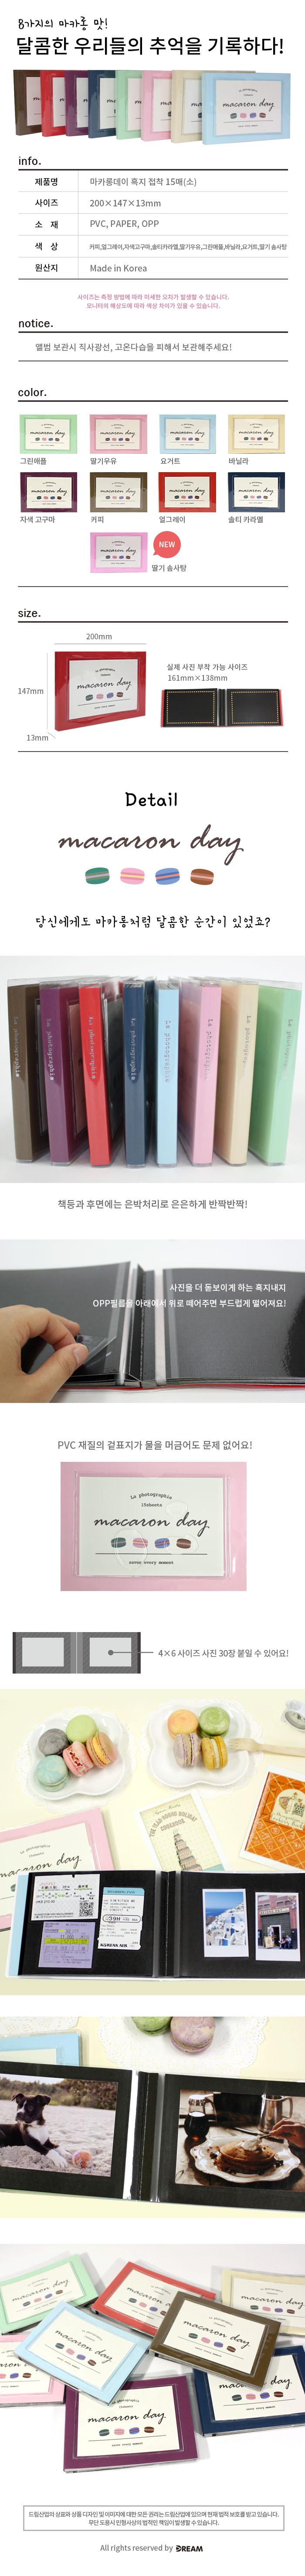 마카롱데이 흑지 접착 앨범(소-15매) - 드림, 10,000원, 접착앨범, 심플